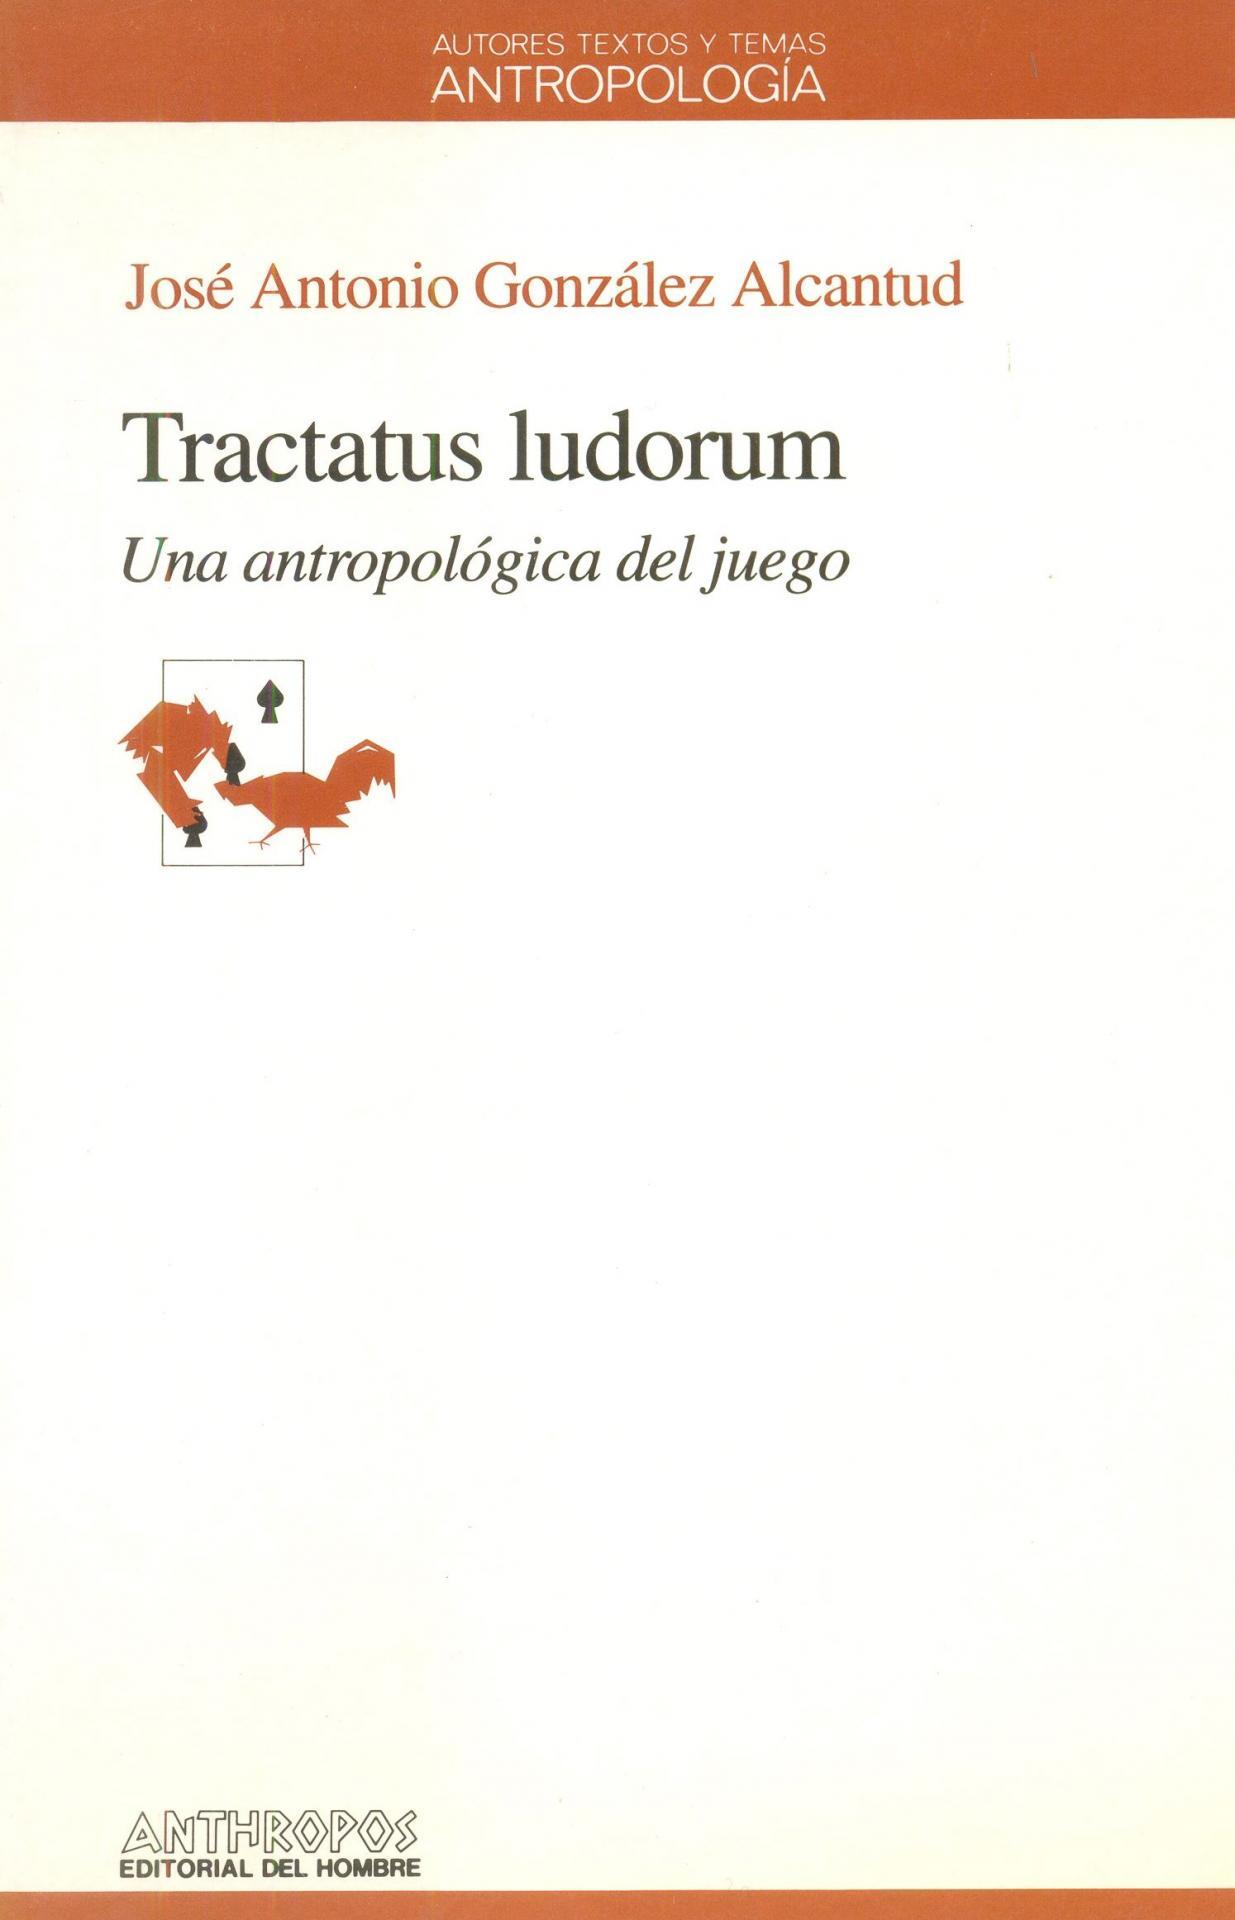 TRACTATUS LUDORUM. Una antropología del juego. González Alcantud, JA.